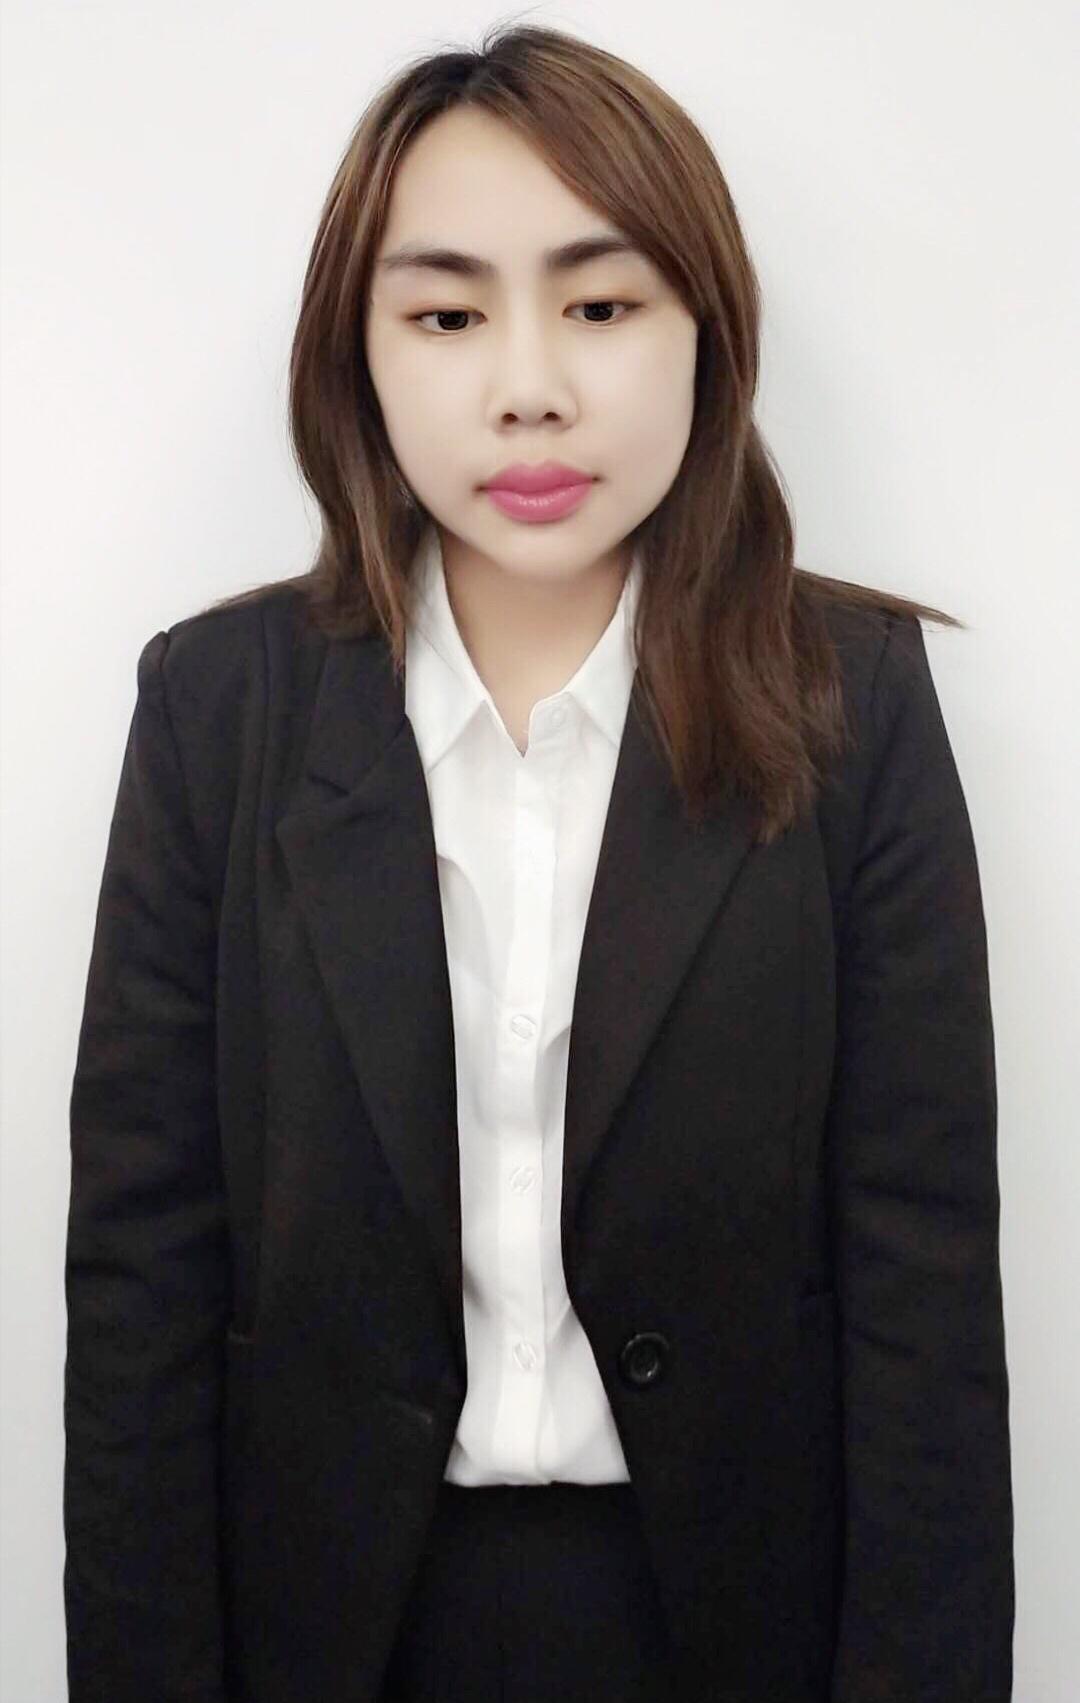 上海中国人寿保险股份有限公司保险代理人刘静怡